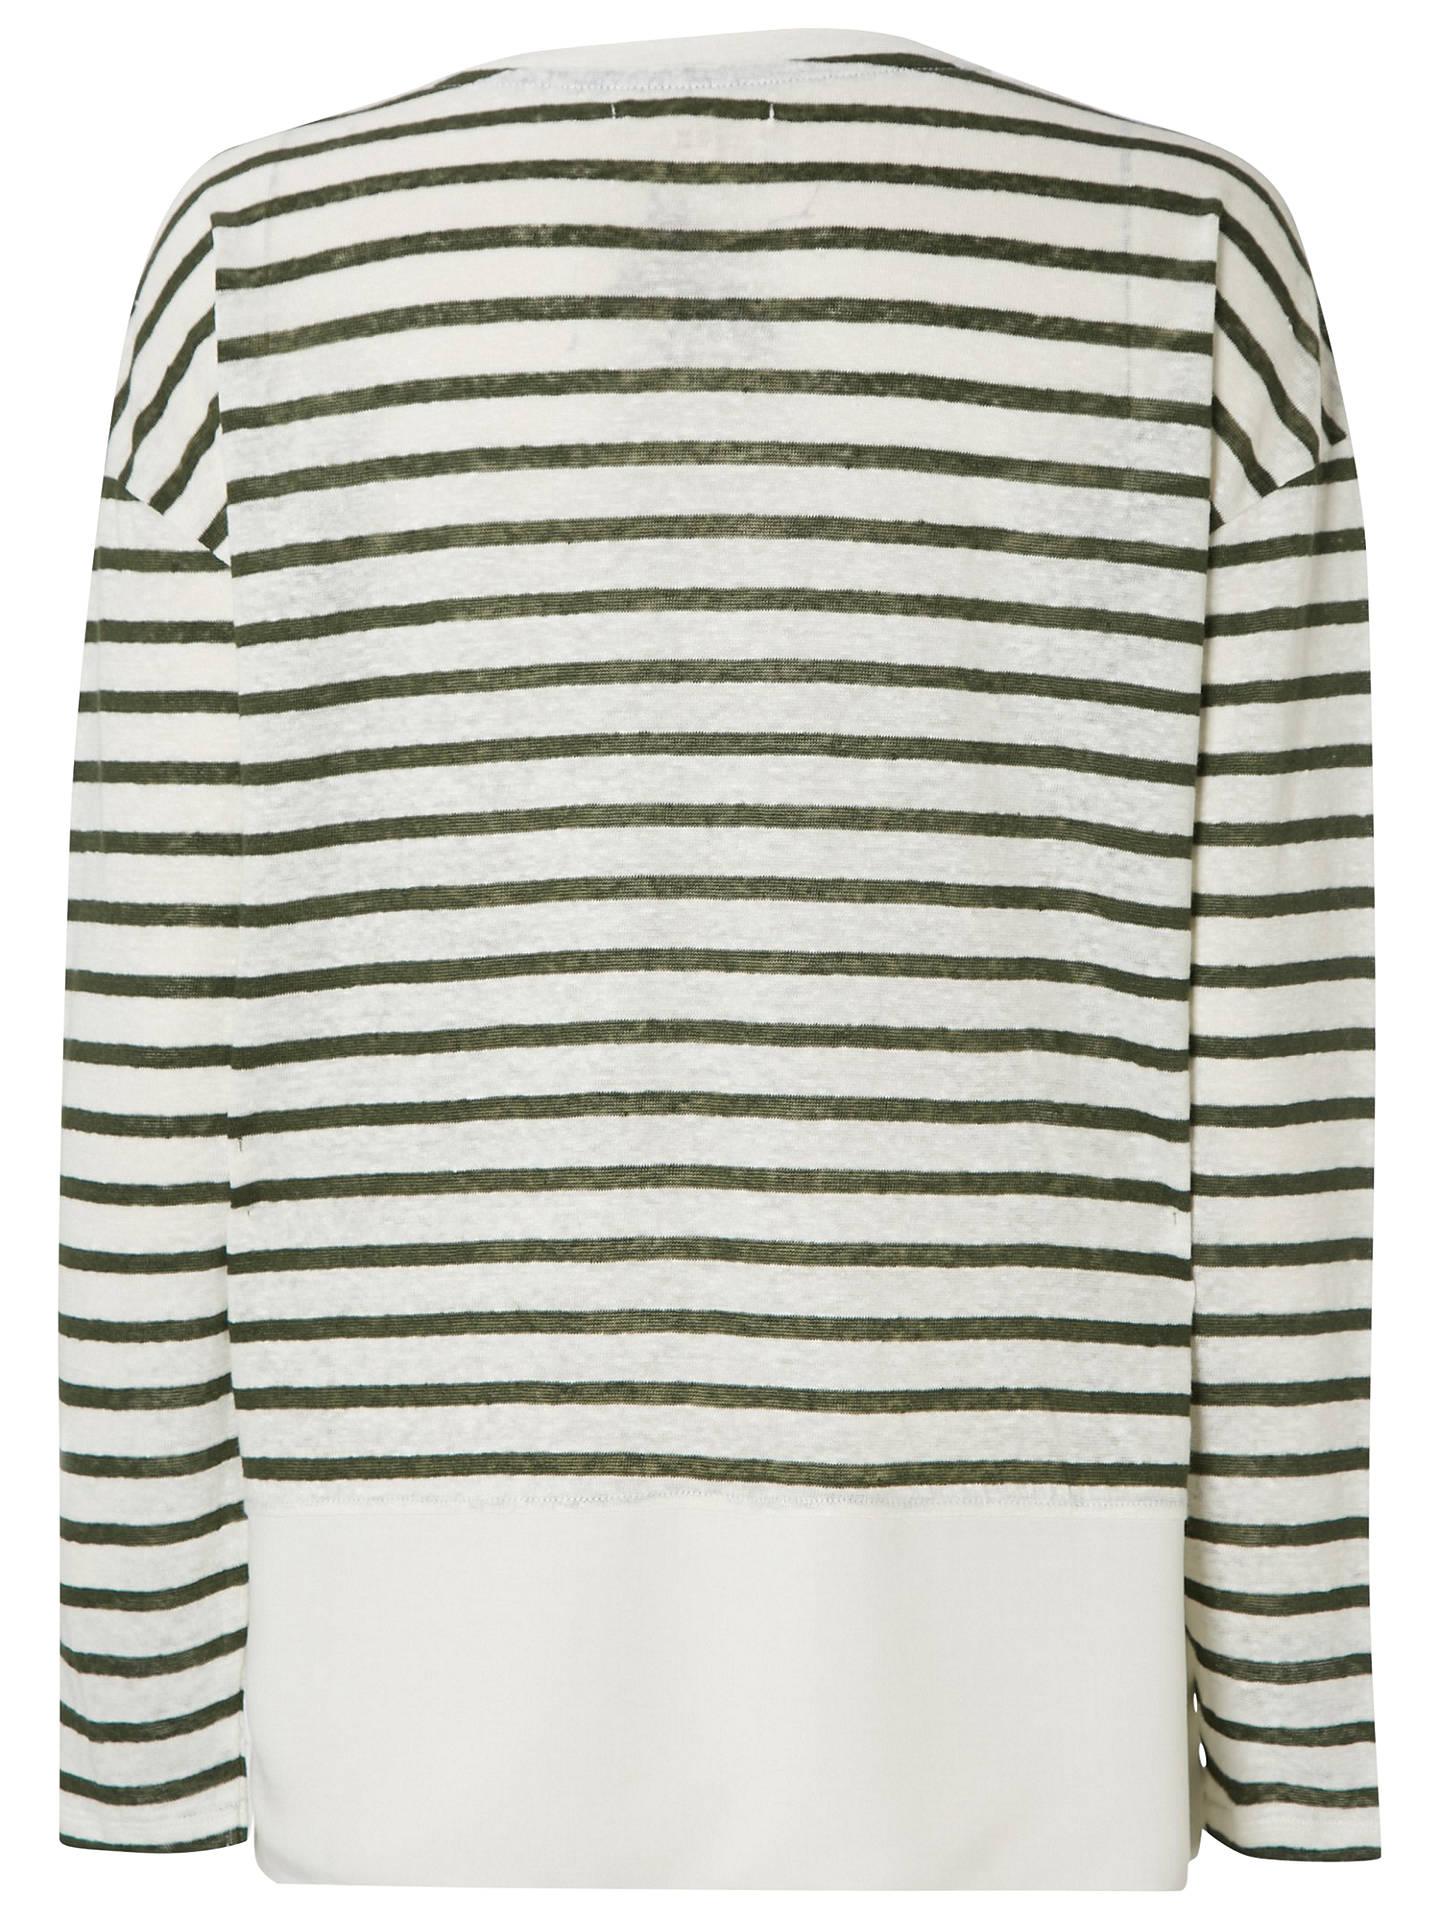 51d4019b83f9bb Buy White Stuff Nazelle Stripe Jersey Top